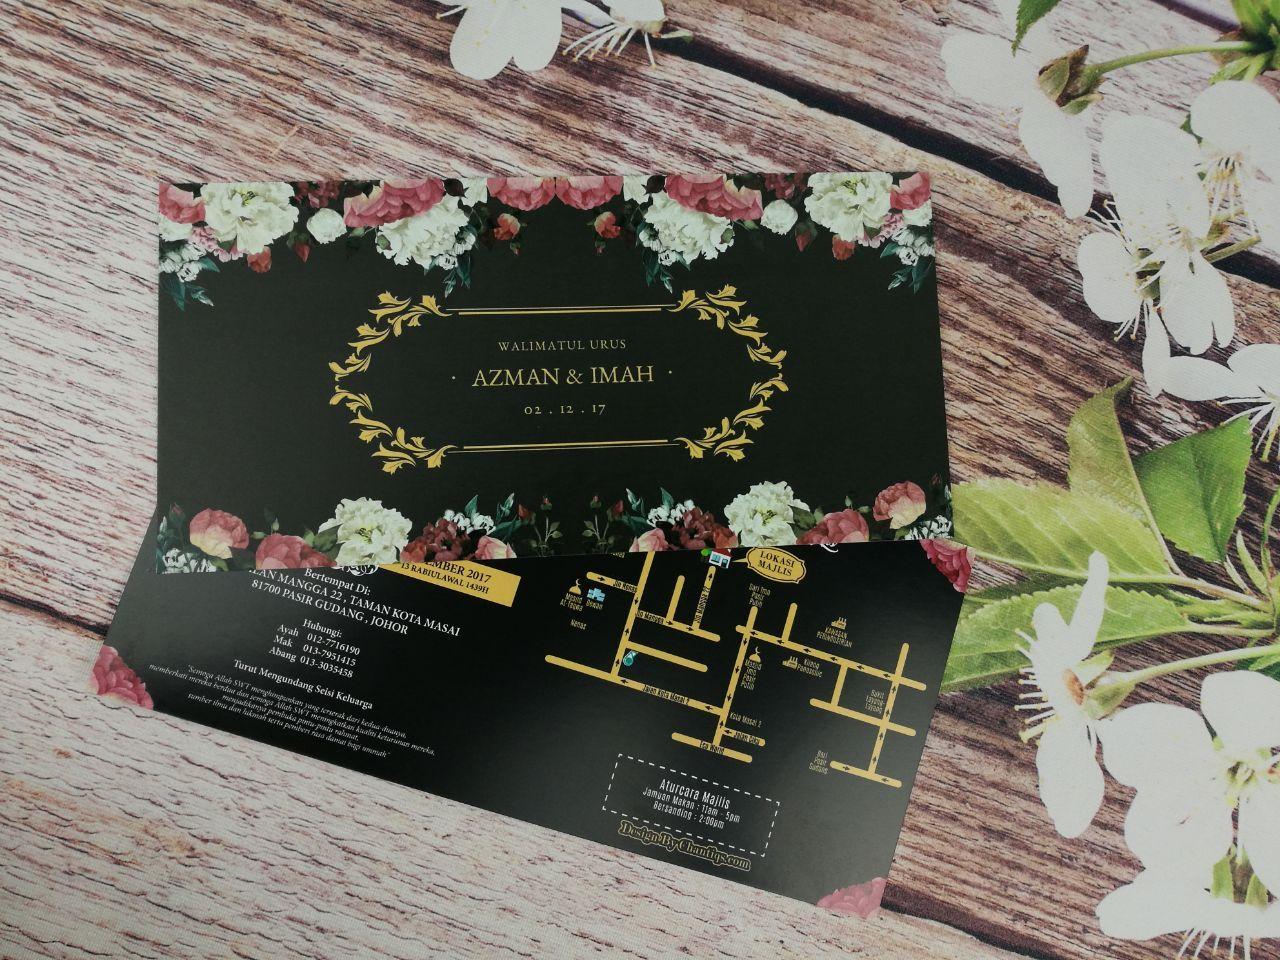 Kad Kahwin Floral 70 Bunga Kad Kahwin Klasik Kad Kahwin Floral Kad Kahwin Design Kad Kahwin Malaysia Kad Kahwin V Kad Kahwin Kad Kahwin Design Floral